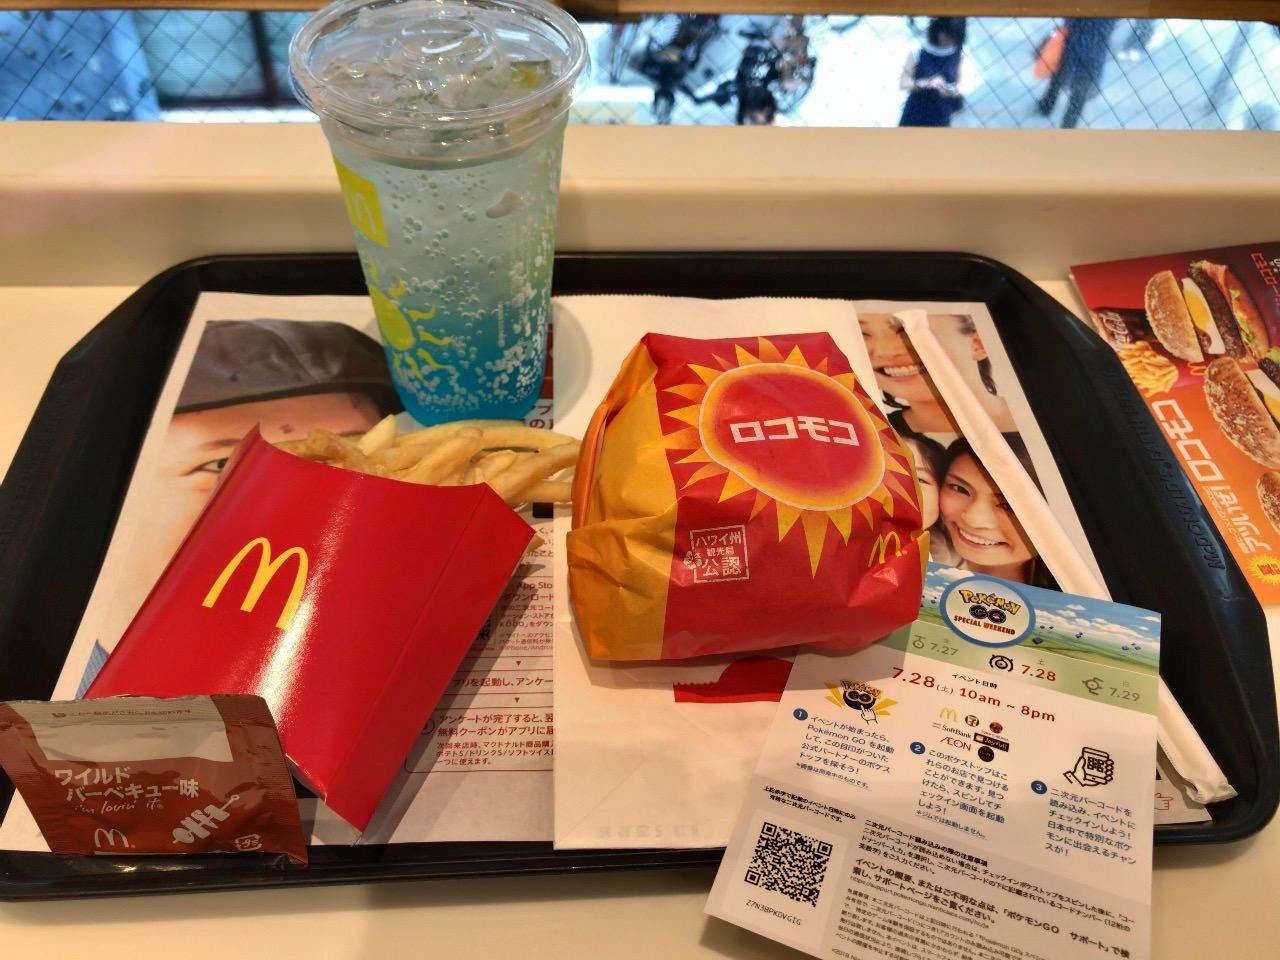 【マクドナルド】ロコモコバーガーセットを食べてポケモンGO参加券をゲット